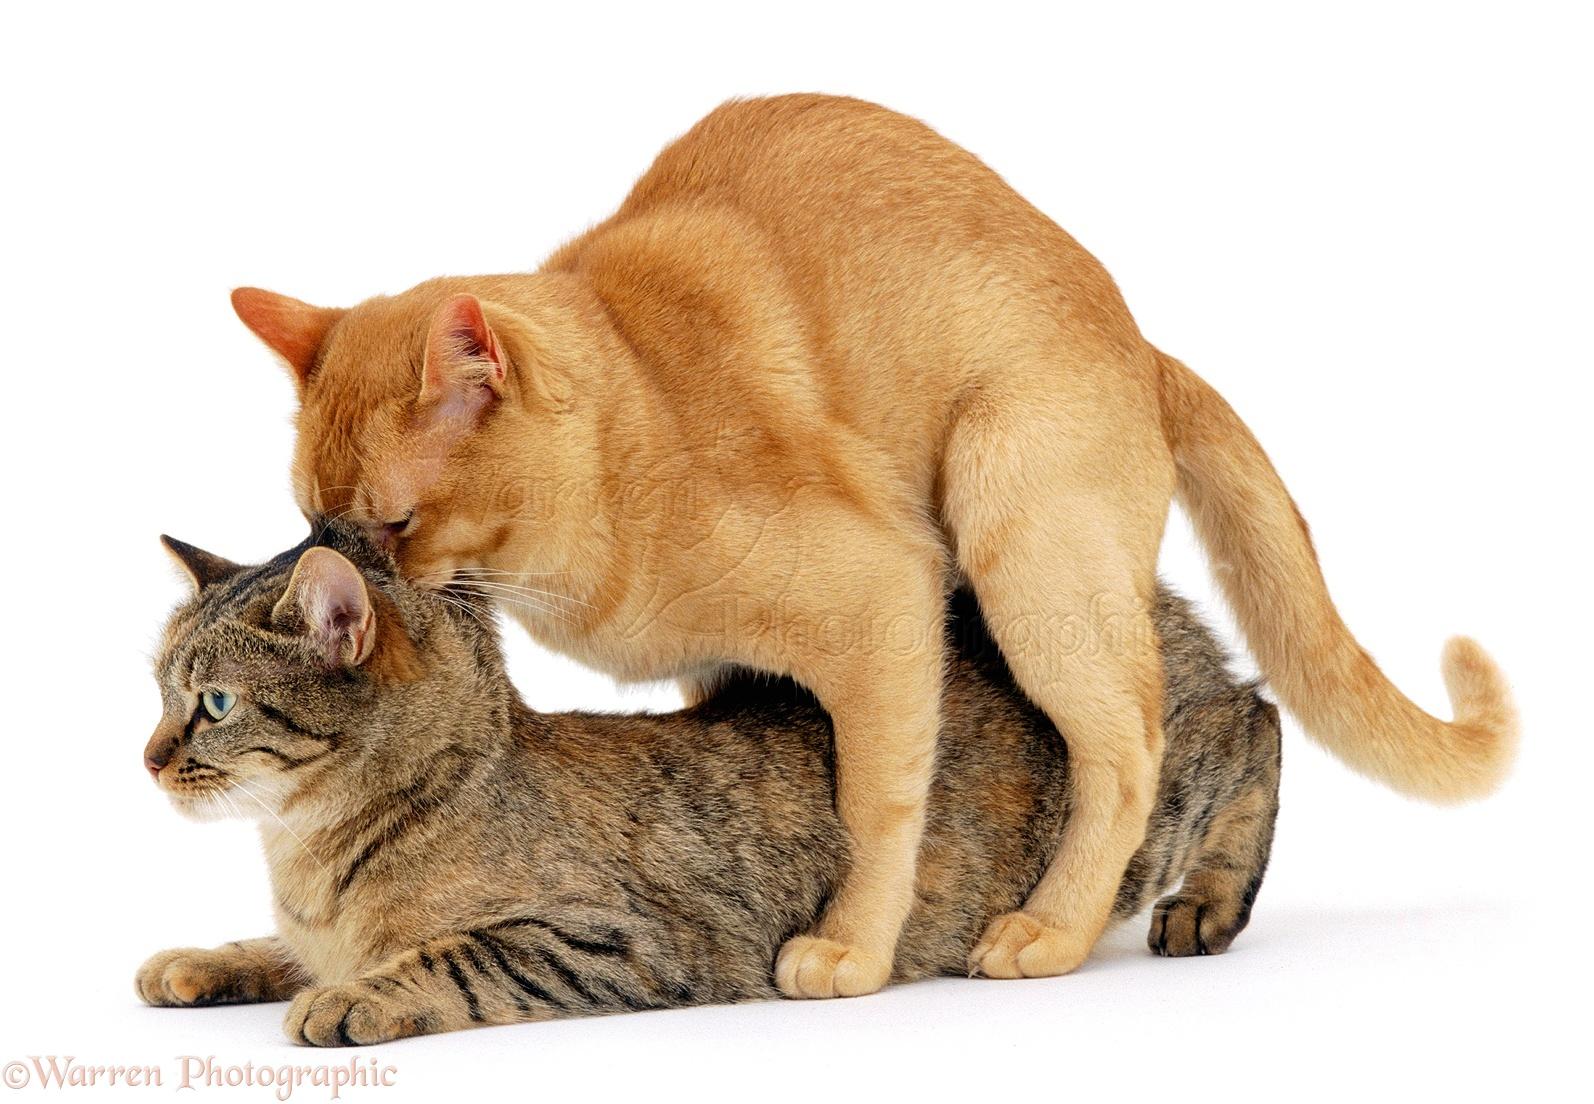 Cats Mating Photo Wp00631